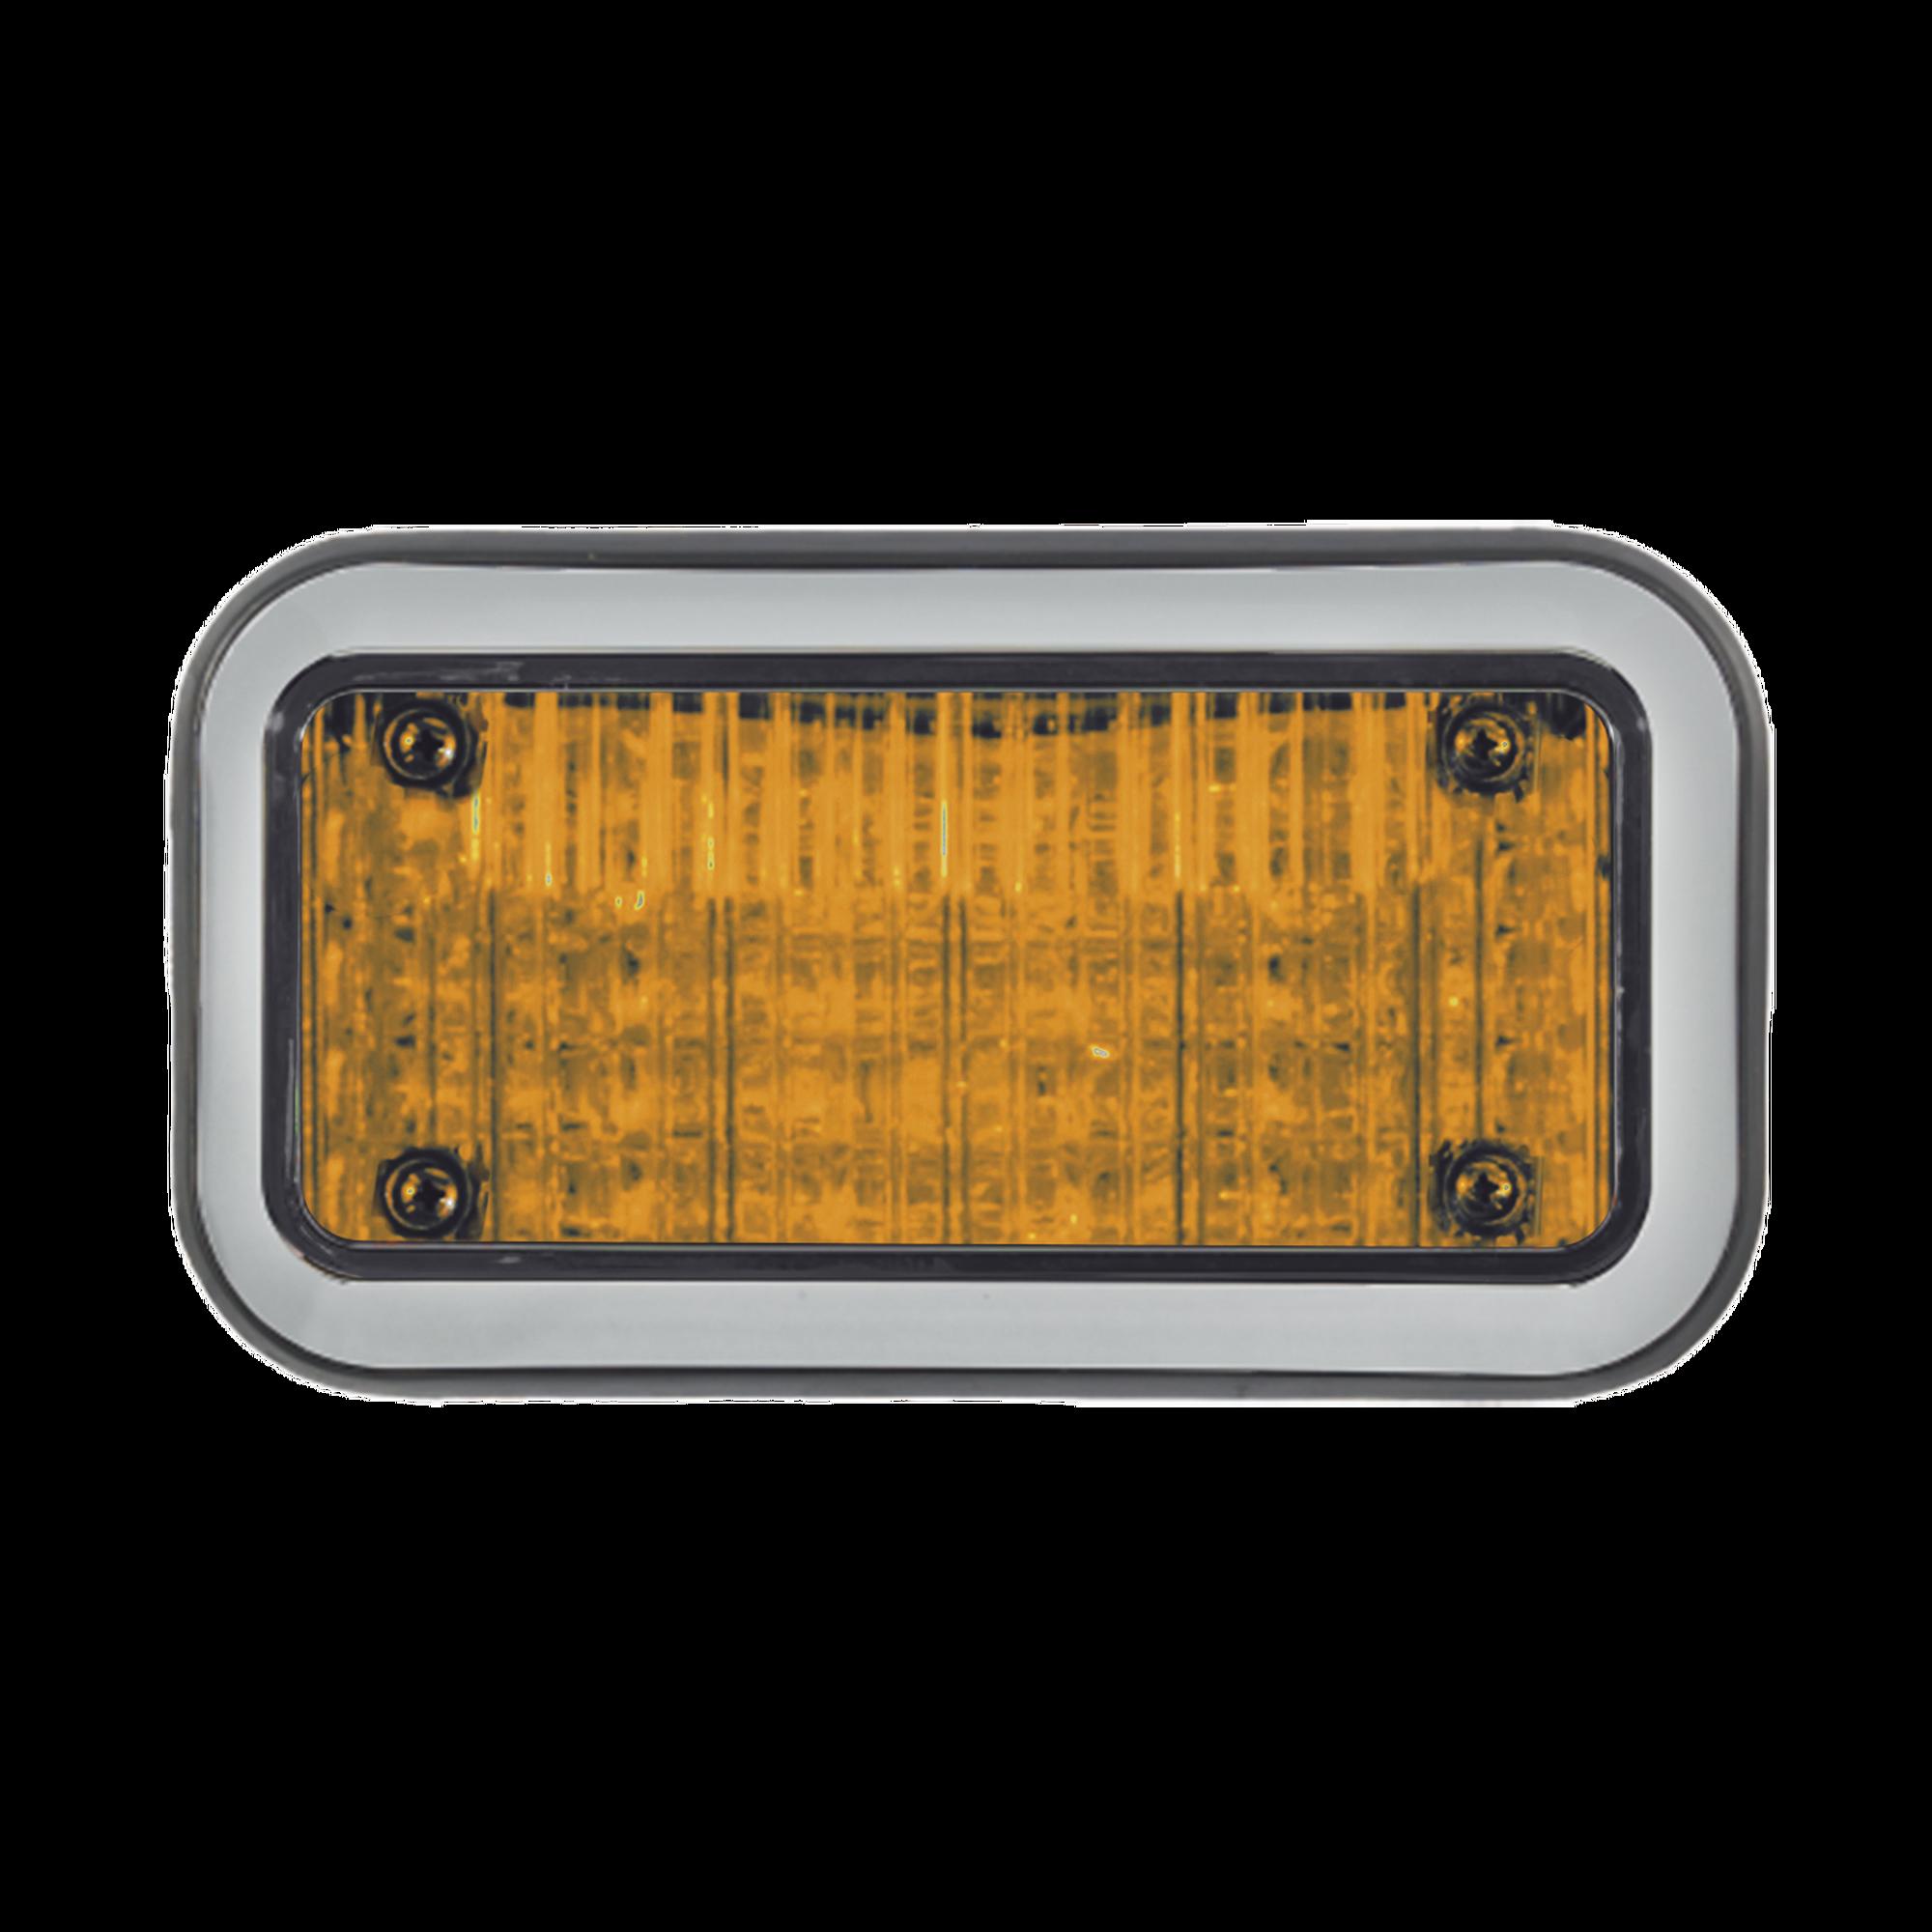 Luz Perimetral 3X7 y LED ambar, con bisel